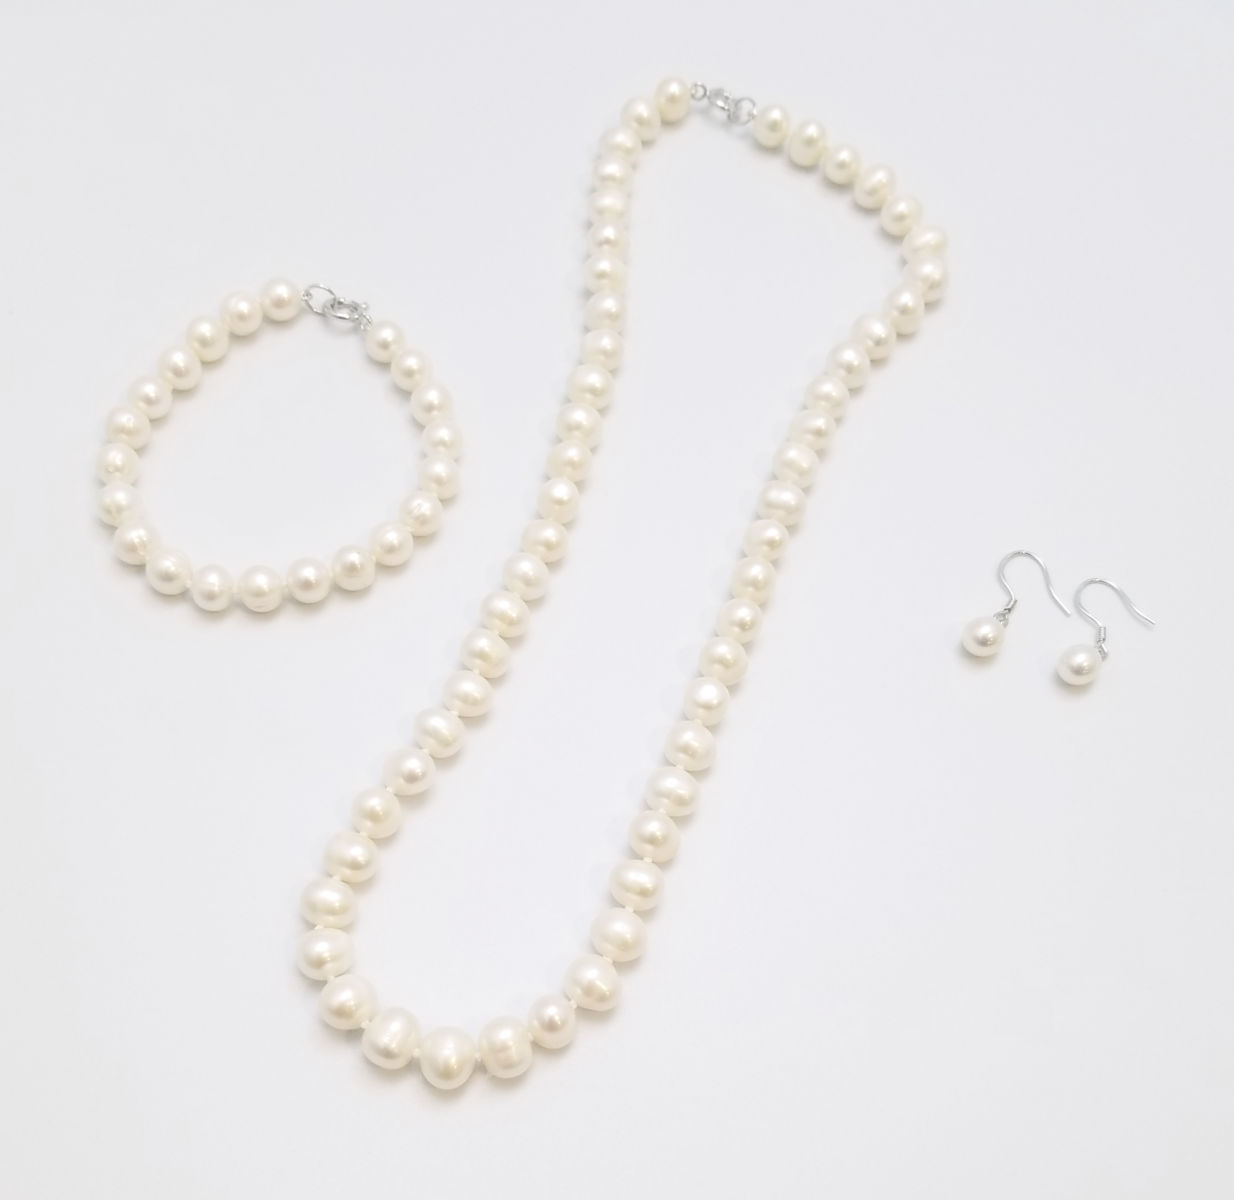 pearl jewelry set -pearl bracelet, pearl necklace, pearl earrings